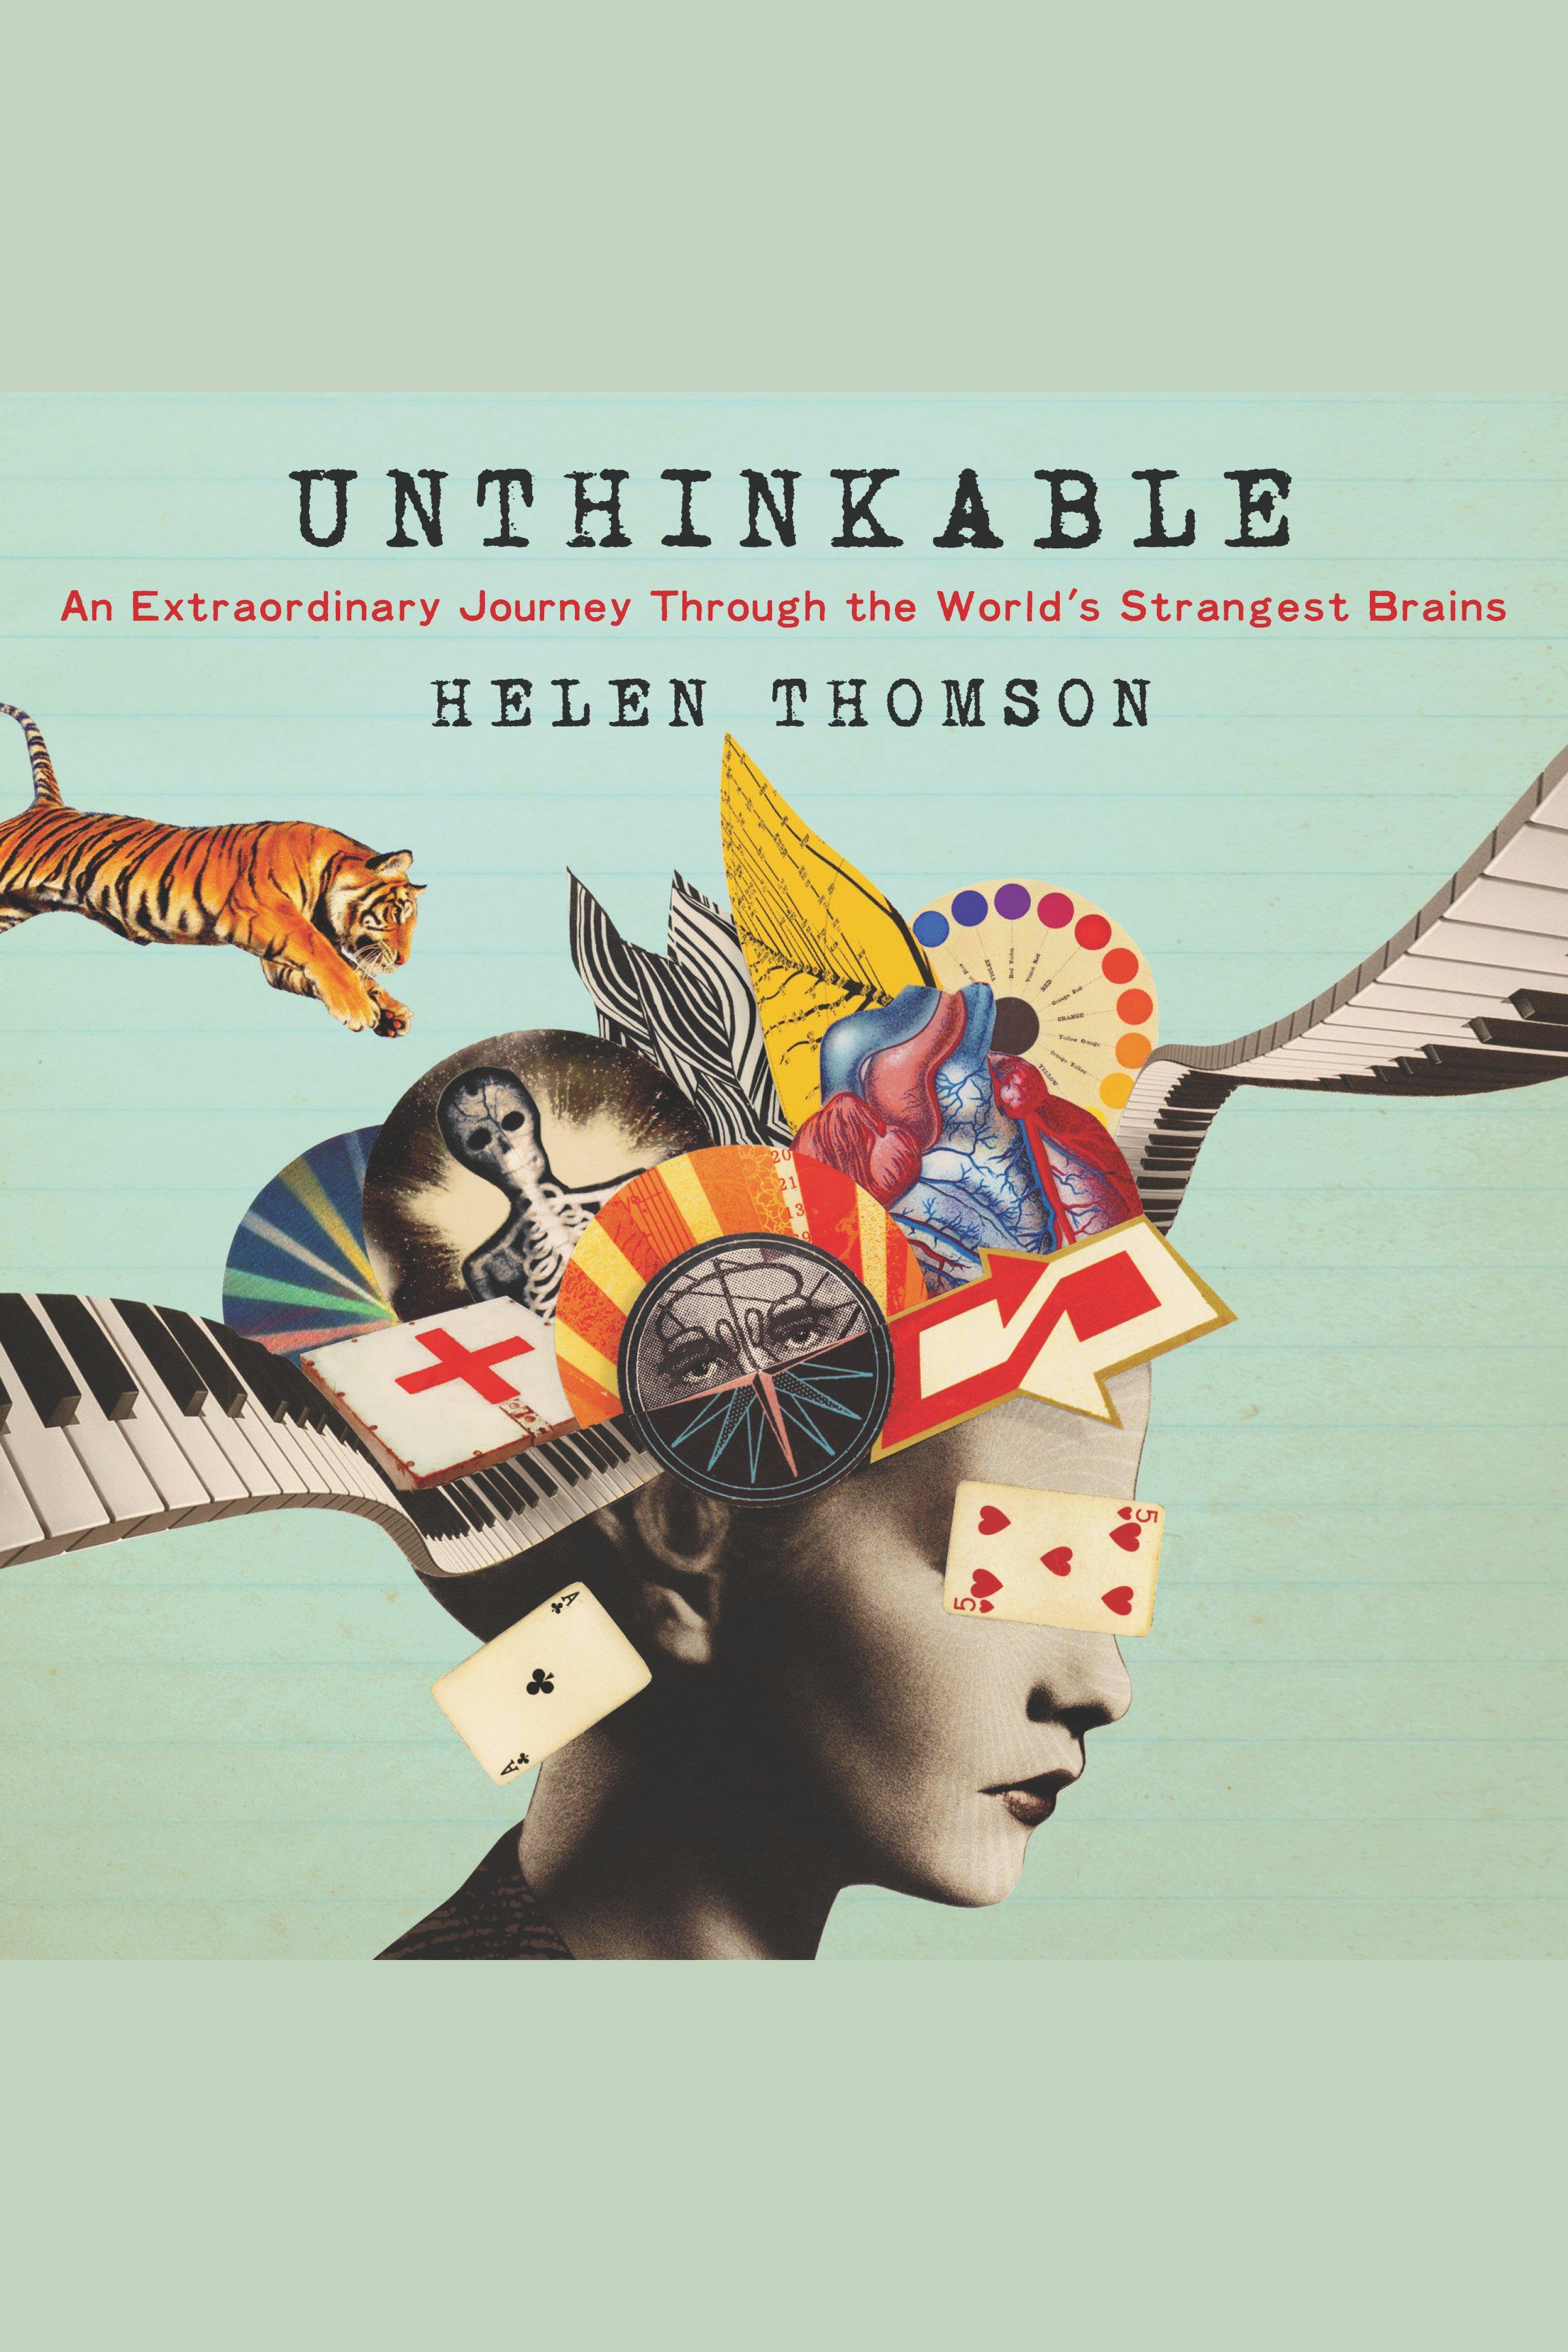 Esta es la portada del audiolibro Unthinkable